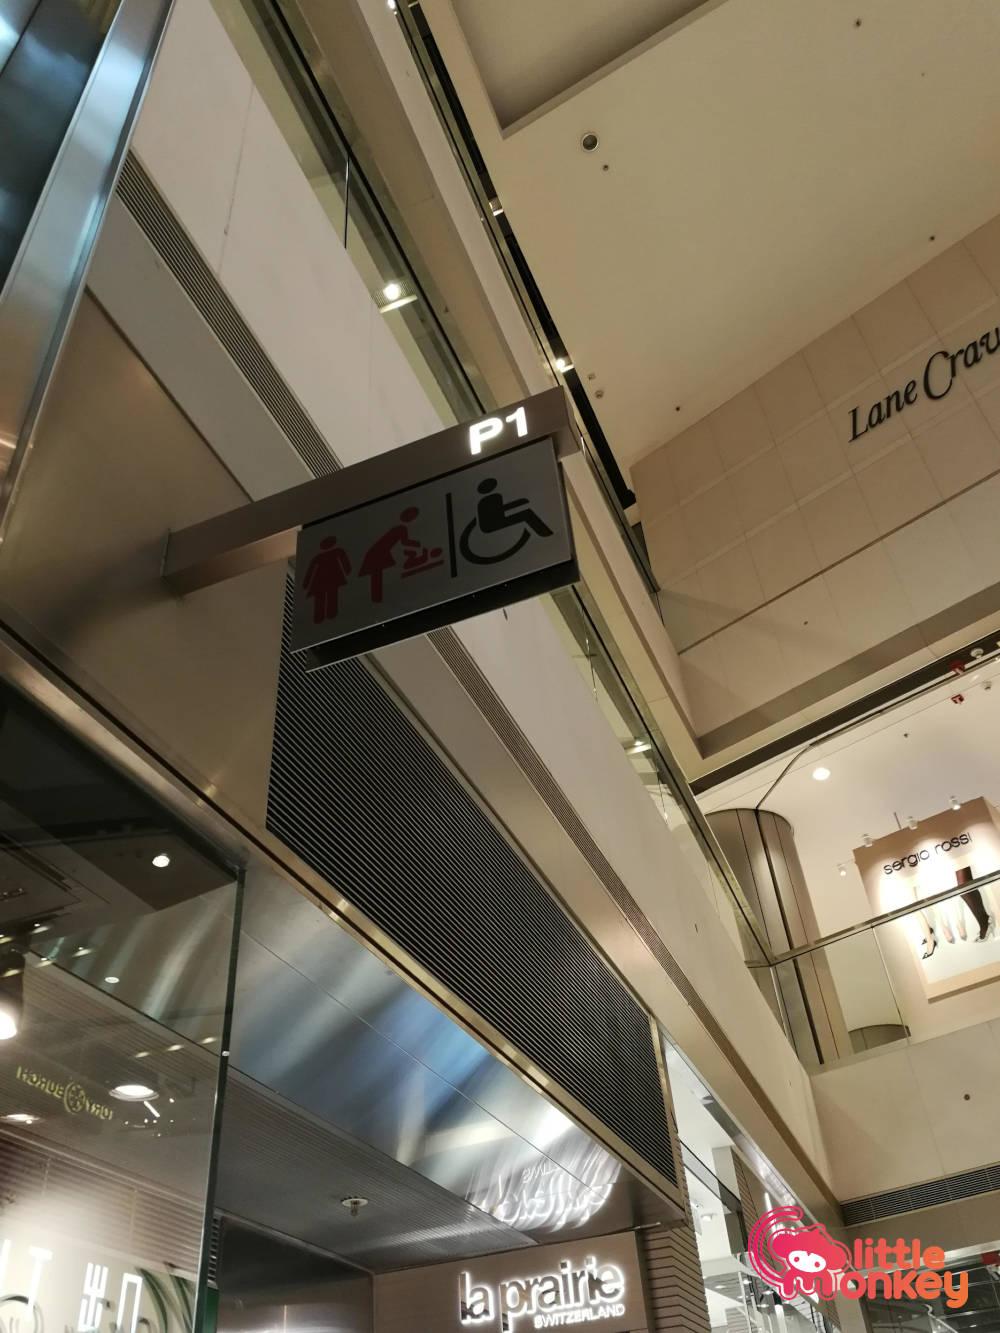 Signage in PopCorn Mall at Tseung Kwan O